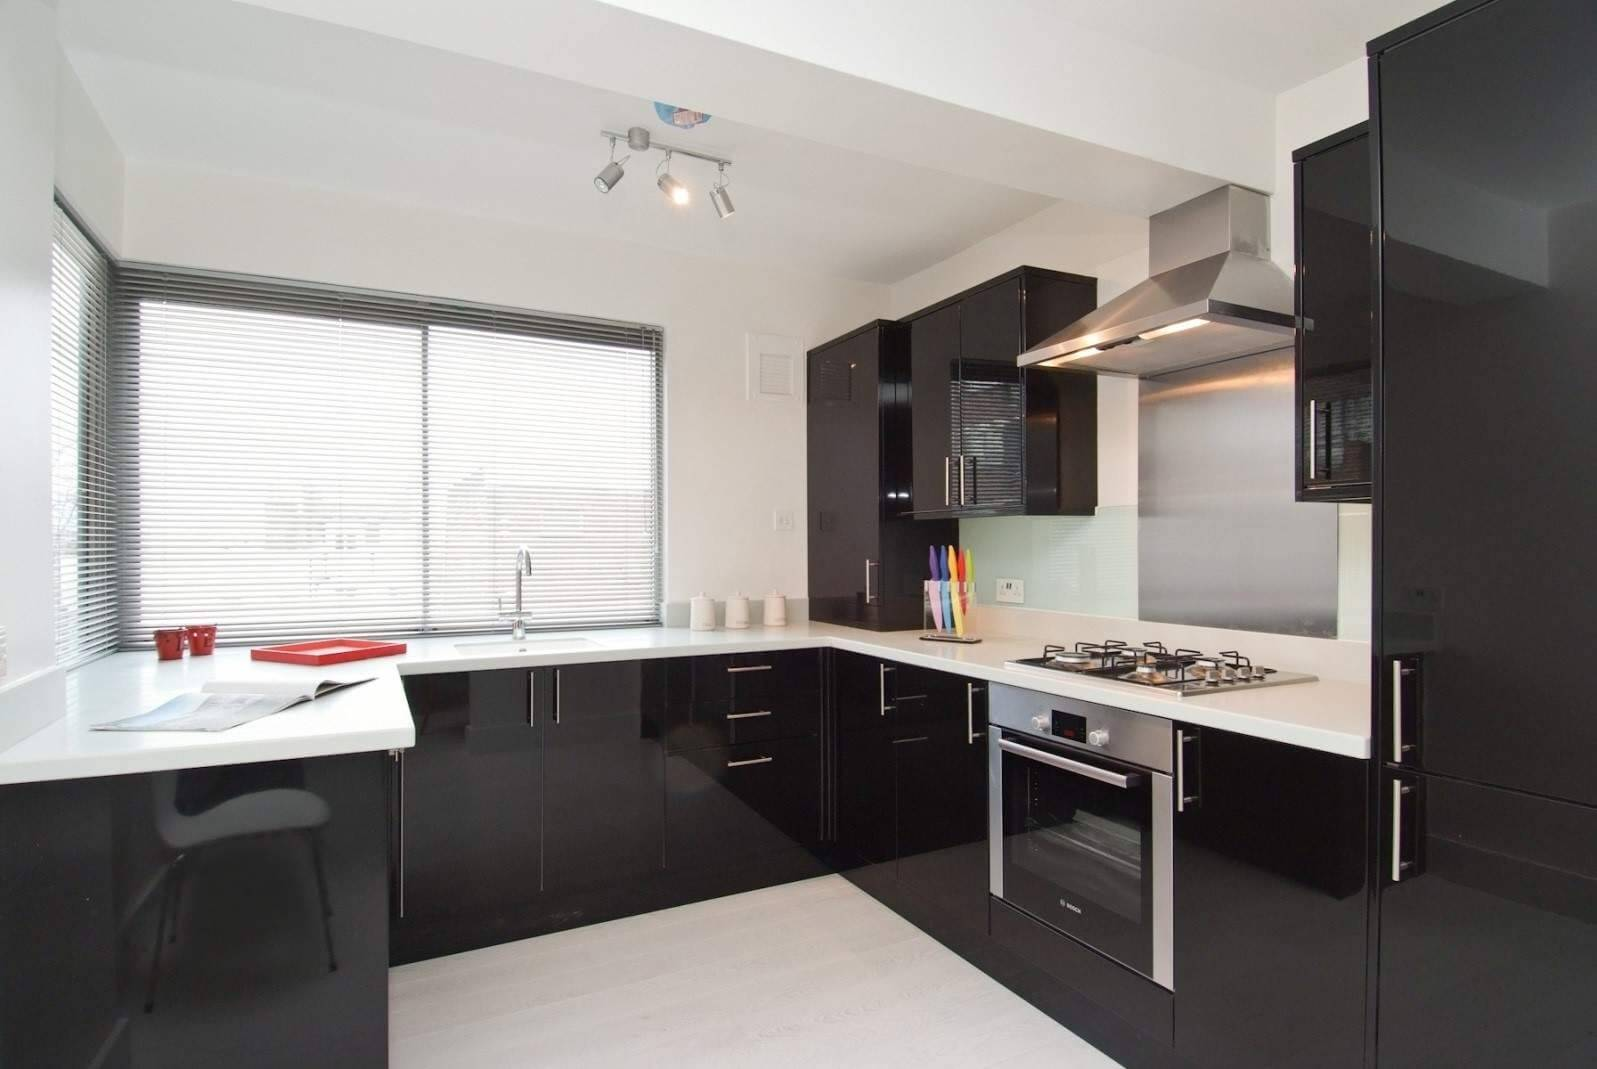 білі шпалери на кухні